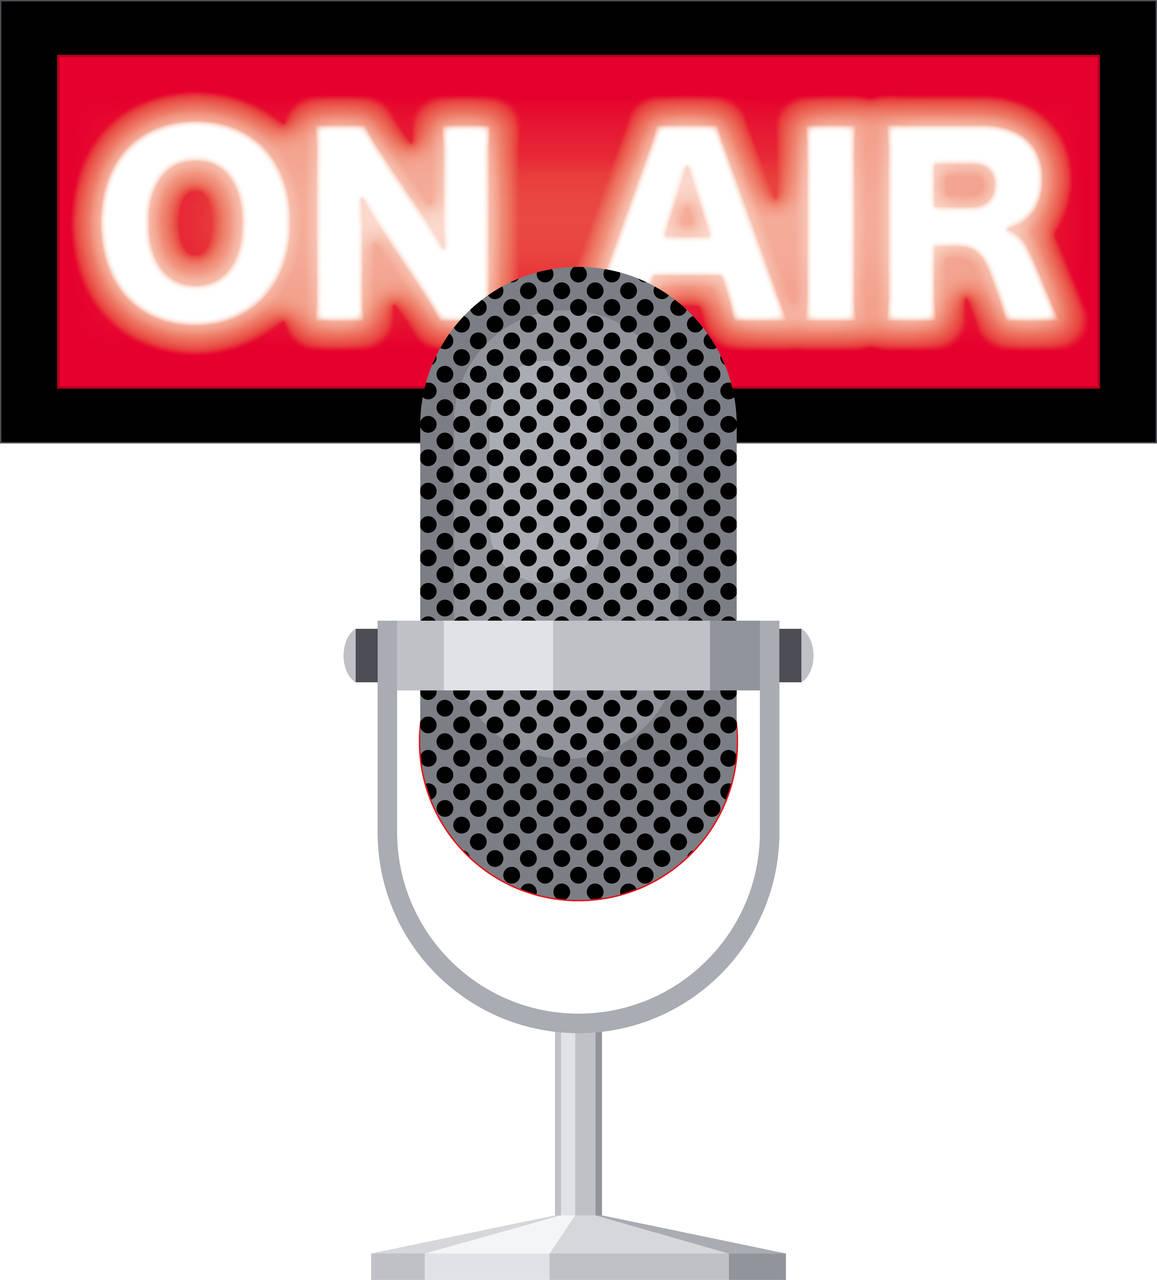 NHK FMで「夏のジャニーズ曲セレクト」放送決定!6時間ジャニーズ曲をかけまくる